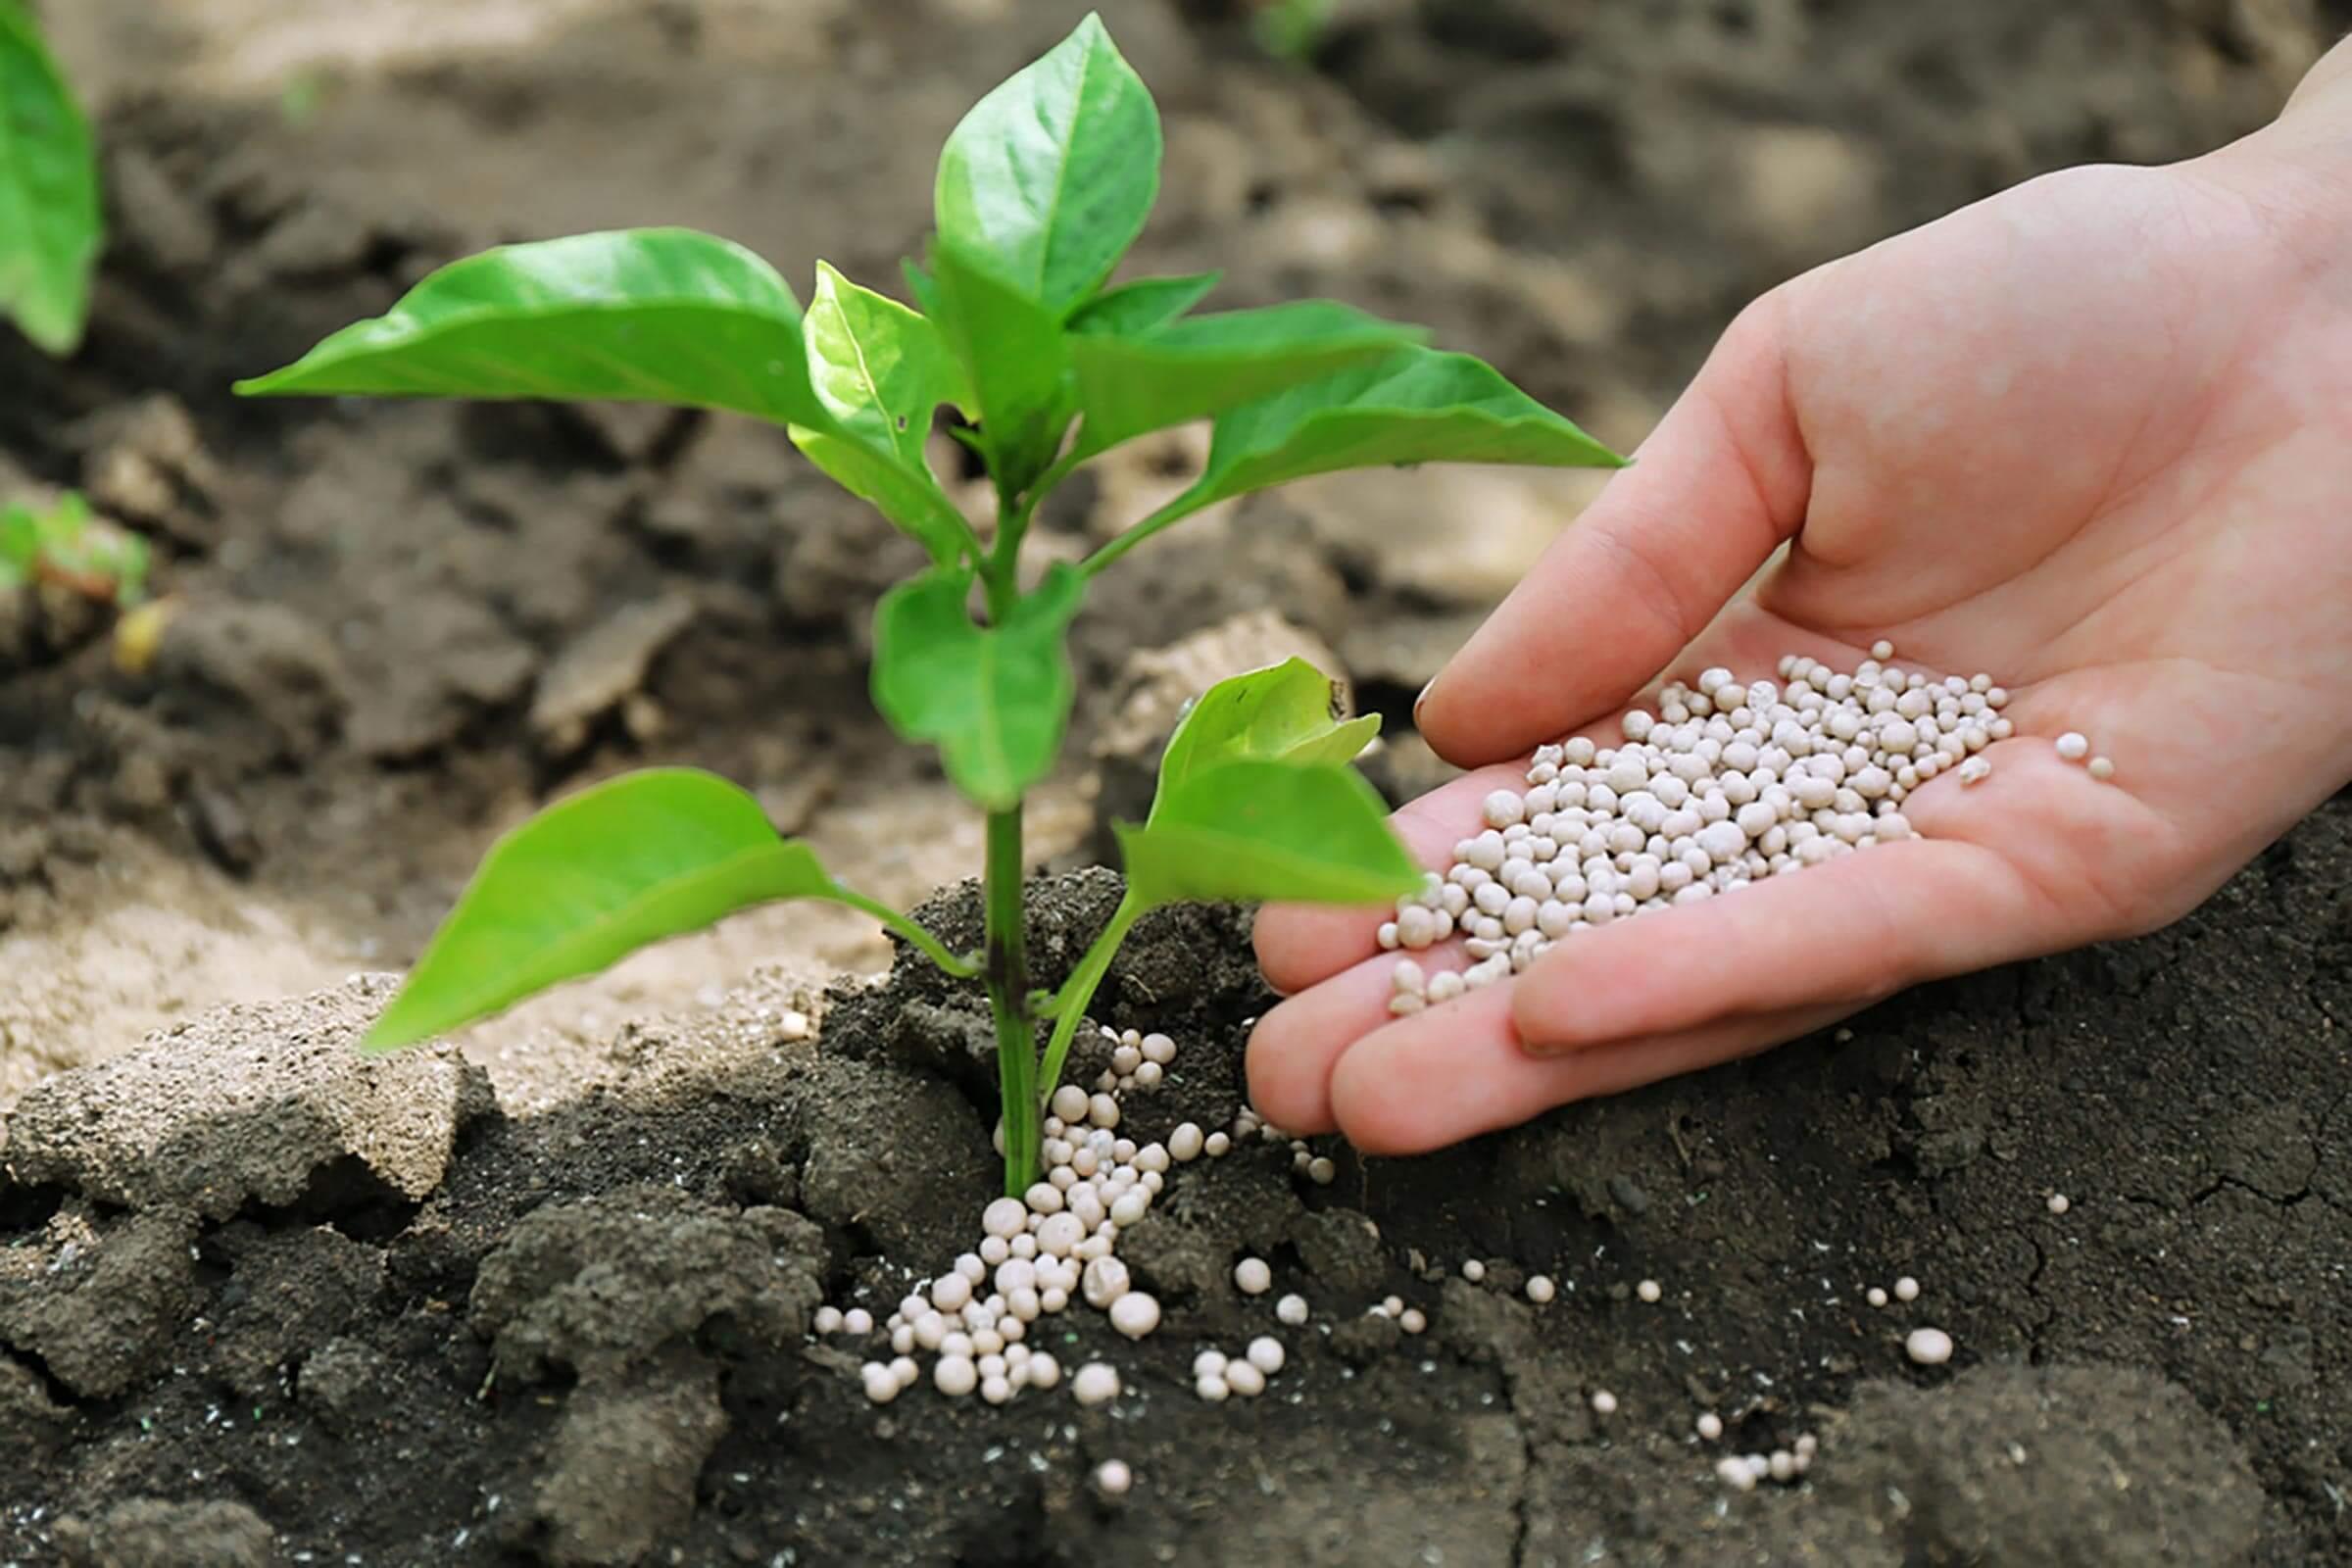 Bitkilerin beslenme ve büyümeleri için gerekli olan besinleri katı ya da sıvı normlarda barındıran maddelere gübre denilir. Gübreleri organik ve inorganik olmak üzere 2 başlık altında toplayabiliriz.